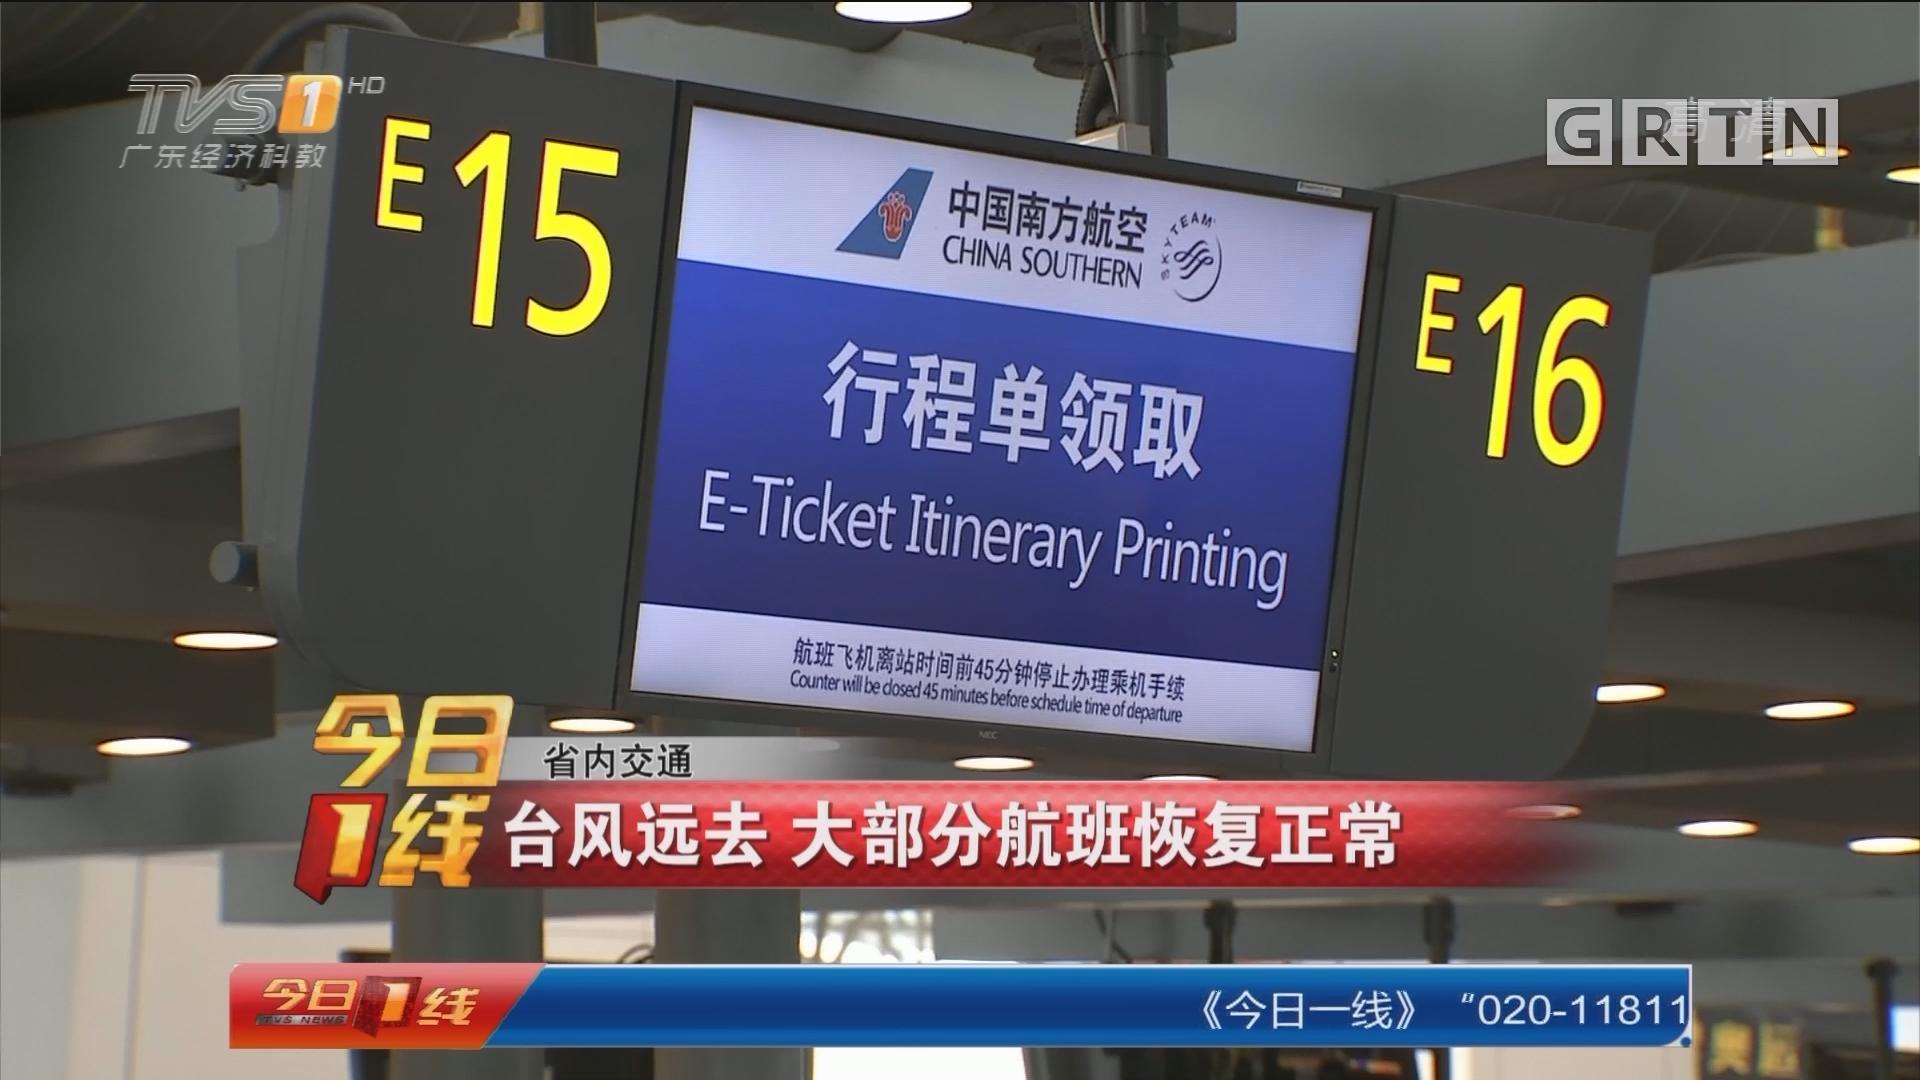 省内交通:台风远去 大部分航班恢复正常